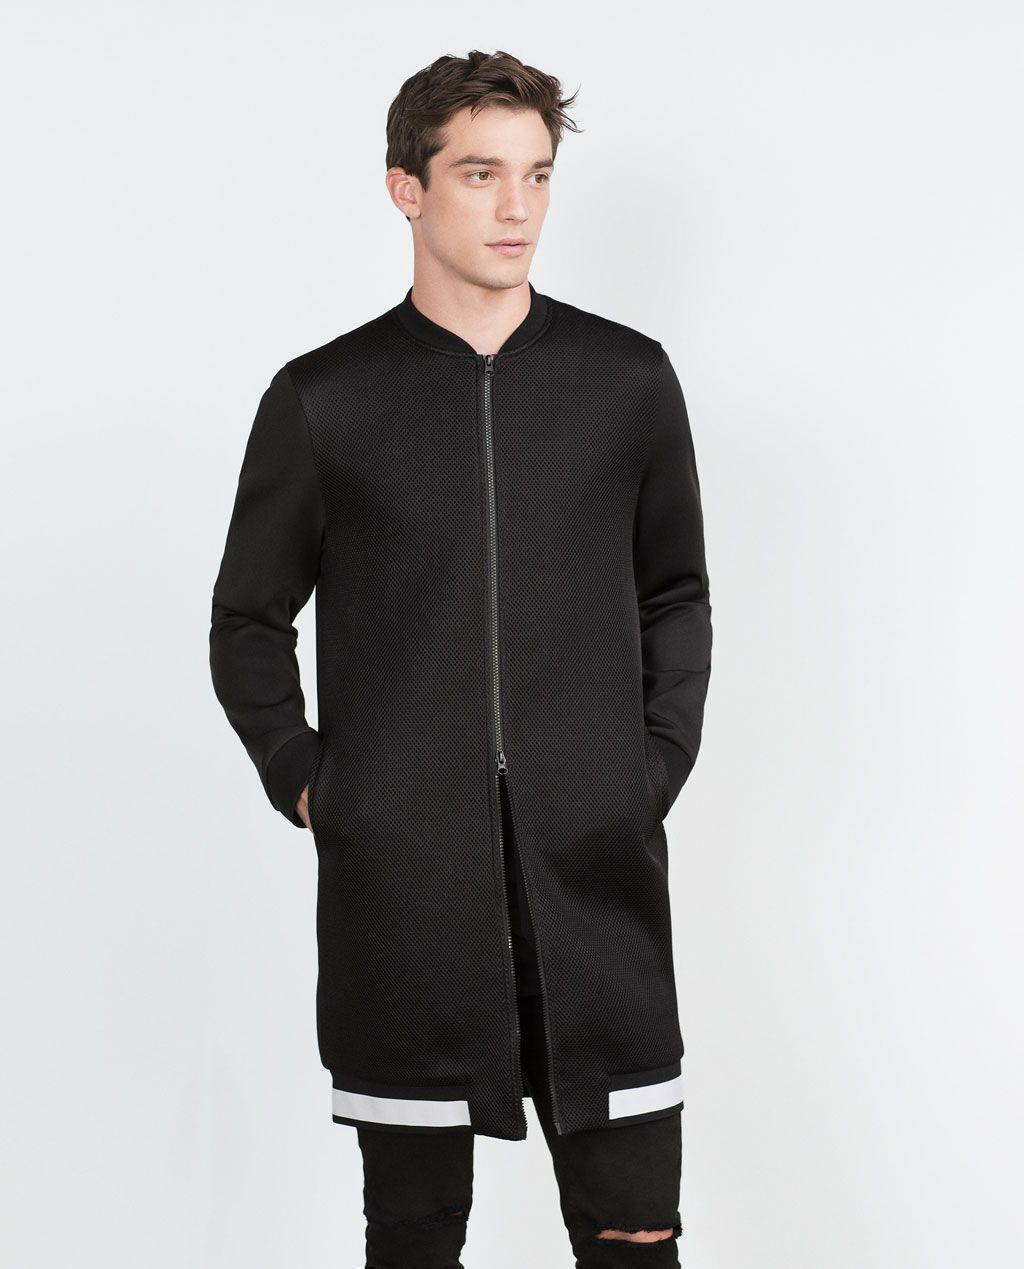 6639b4df27 Veste bombers homme zara - Idée de Costume et vêtement